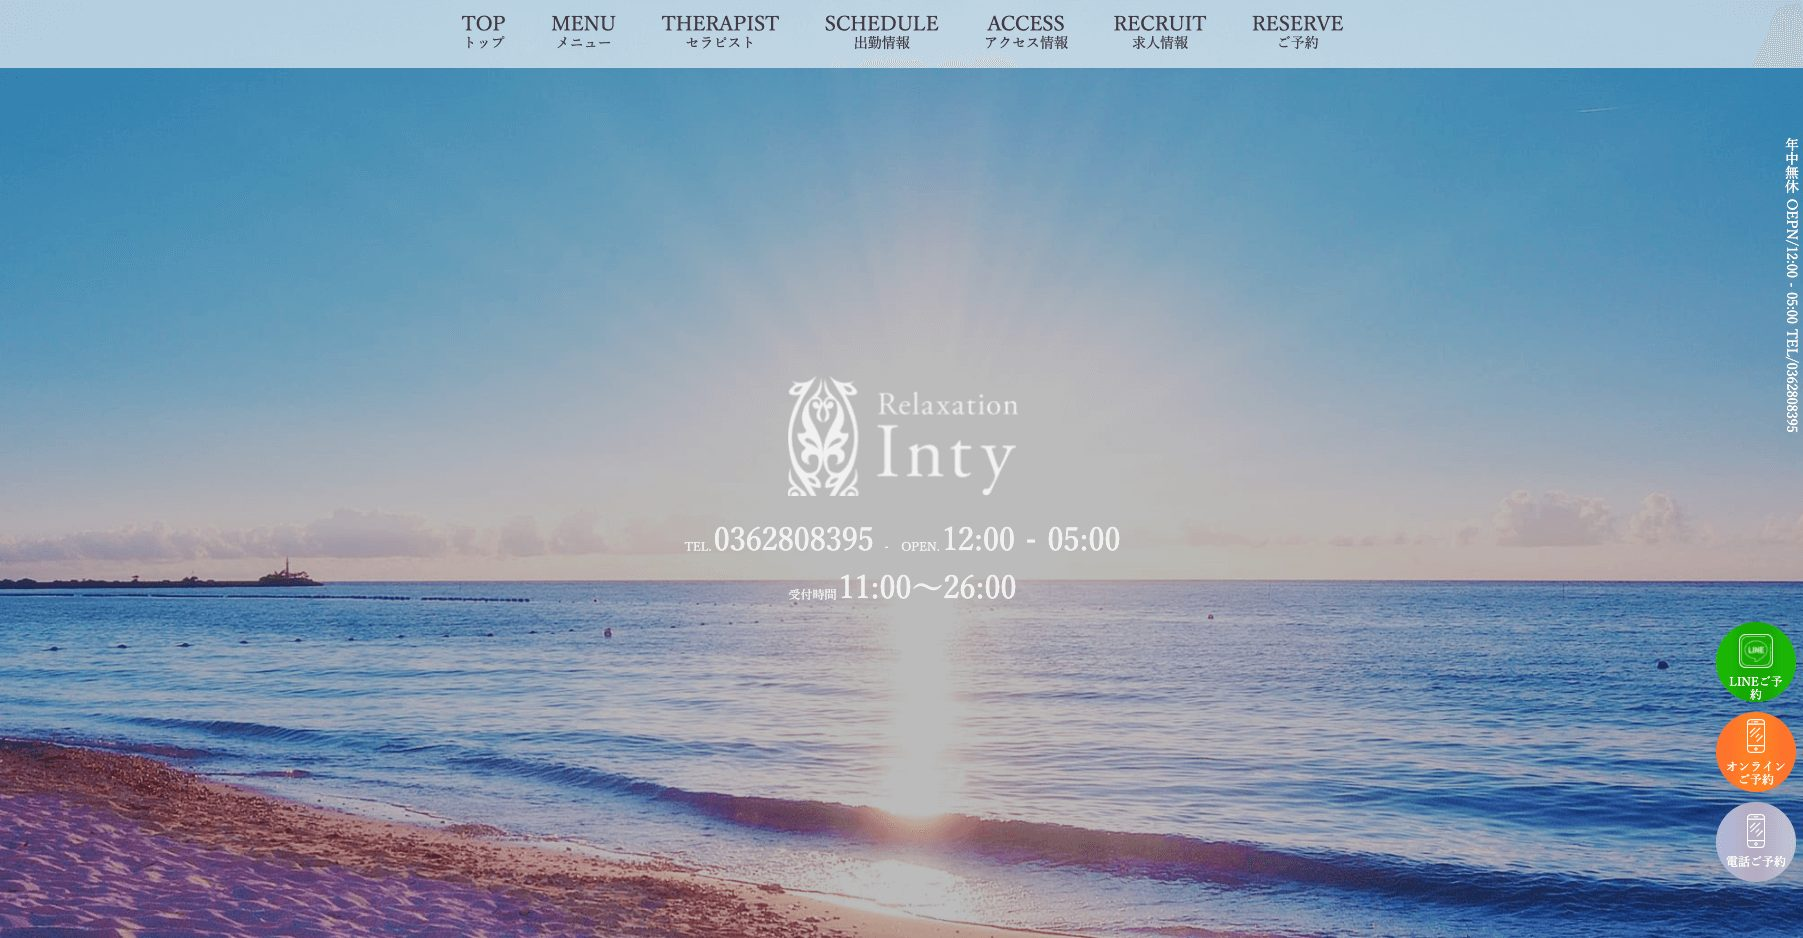 Inty(インティ)